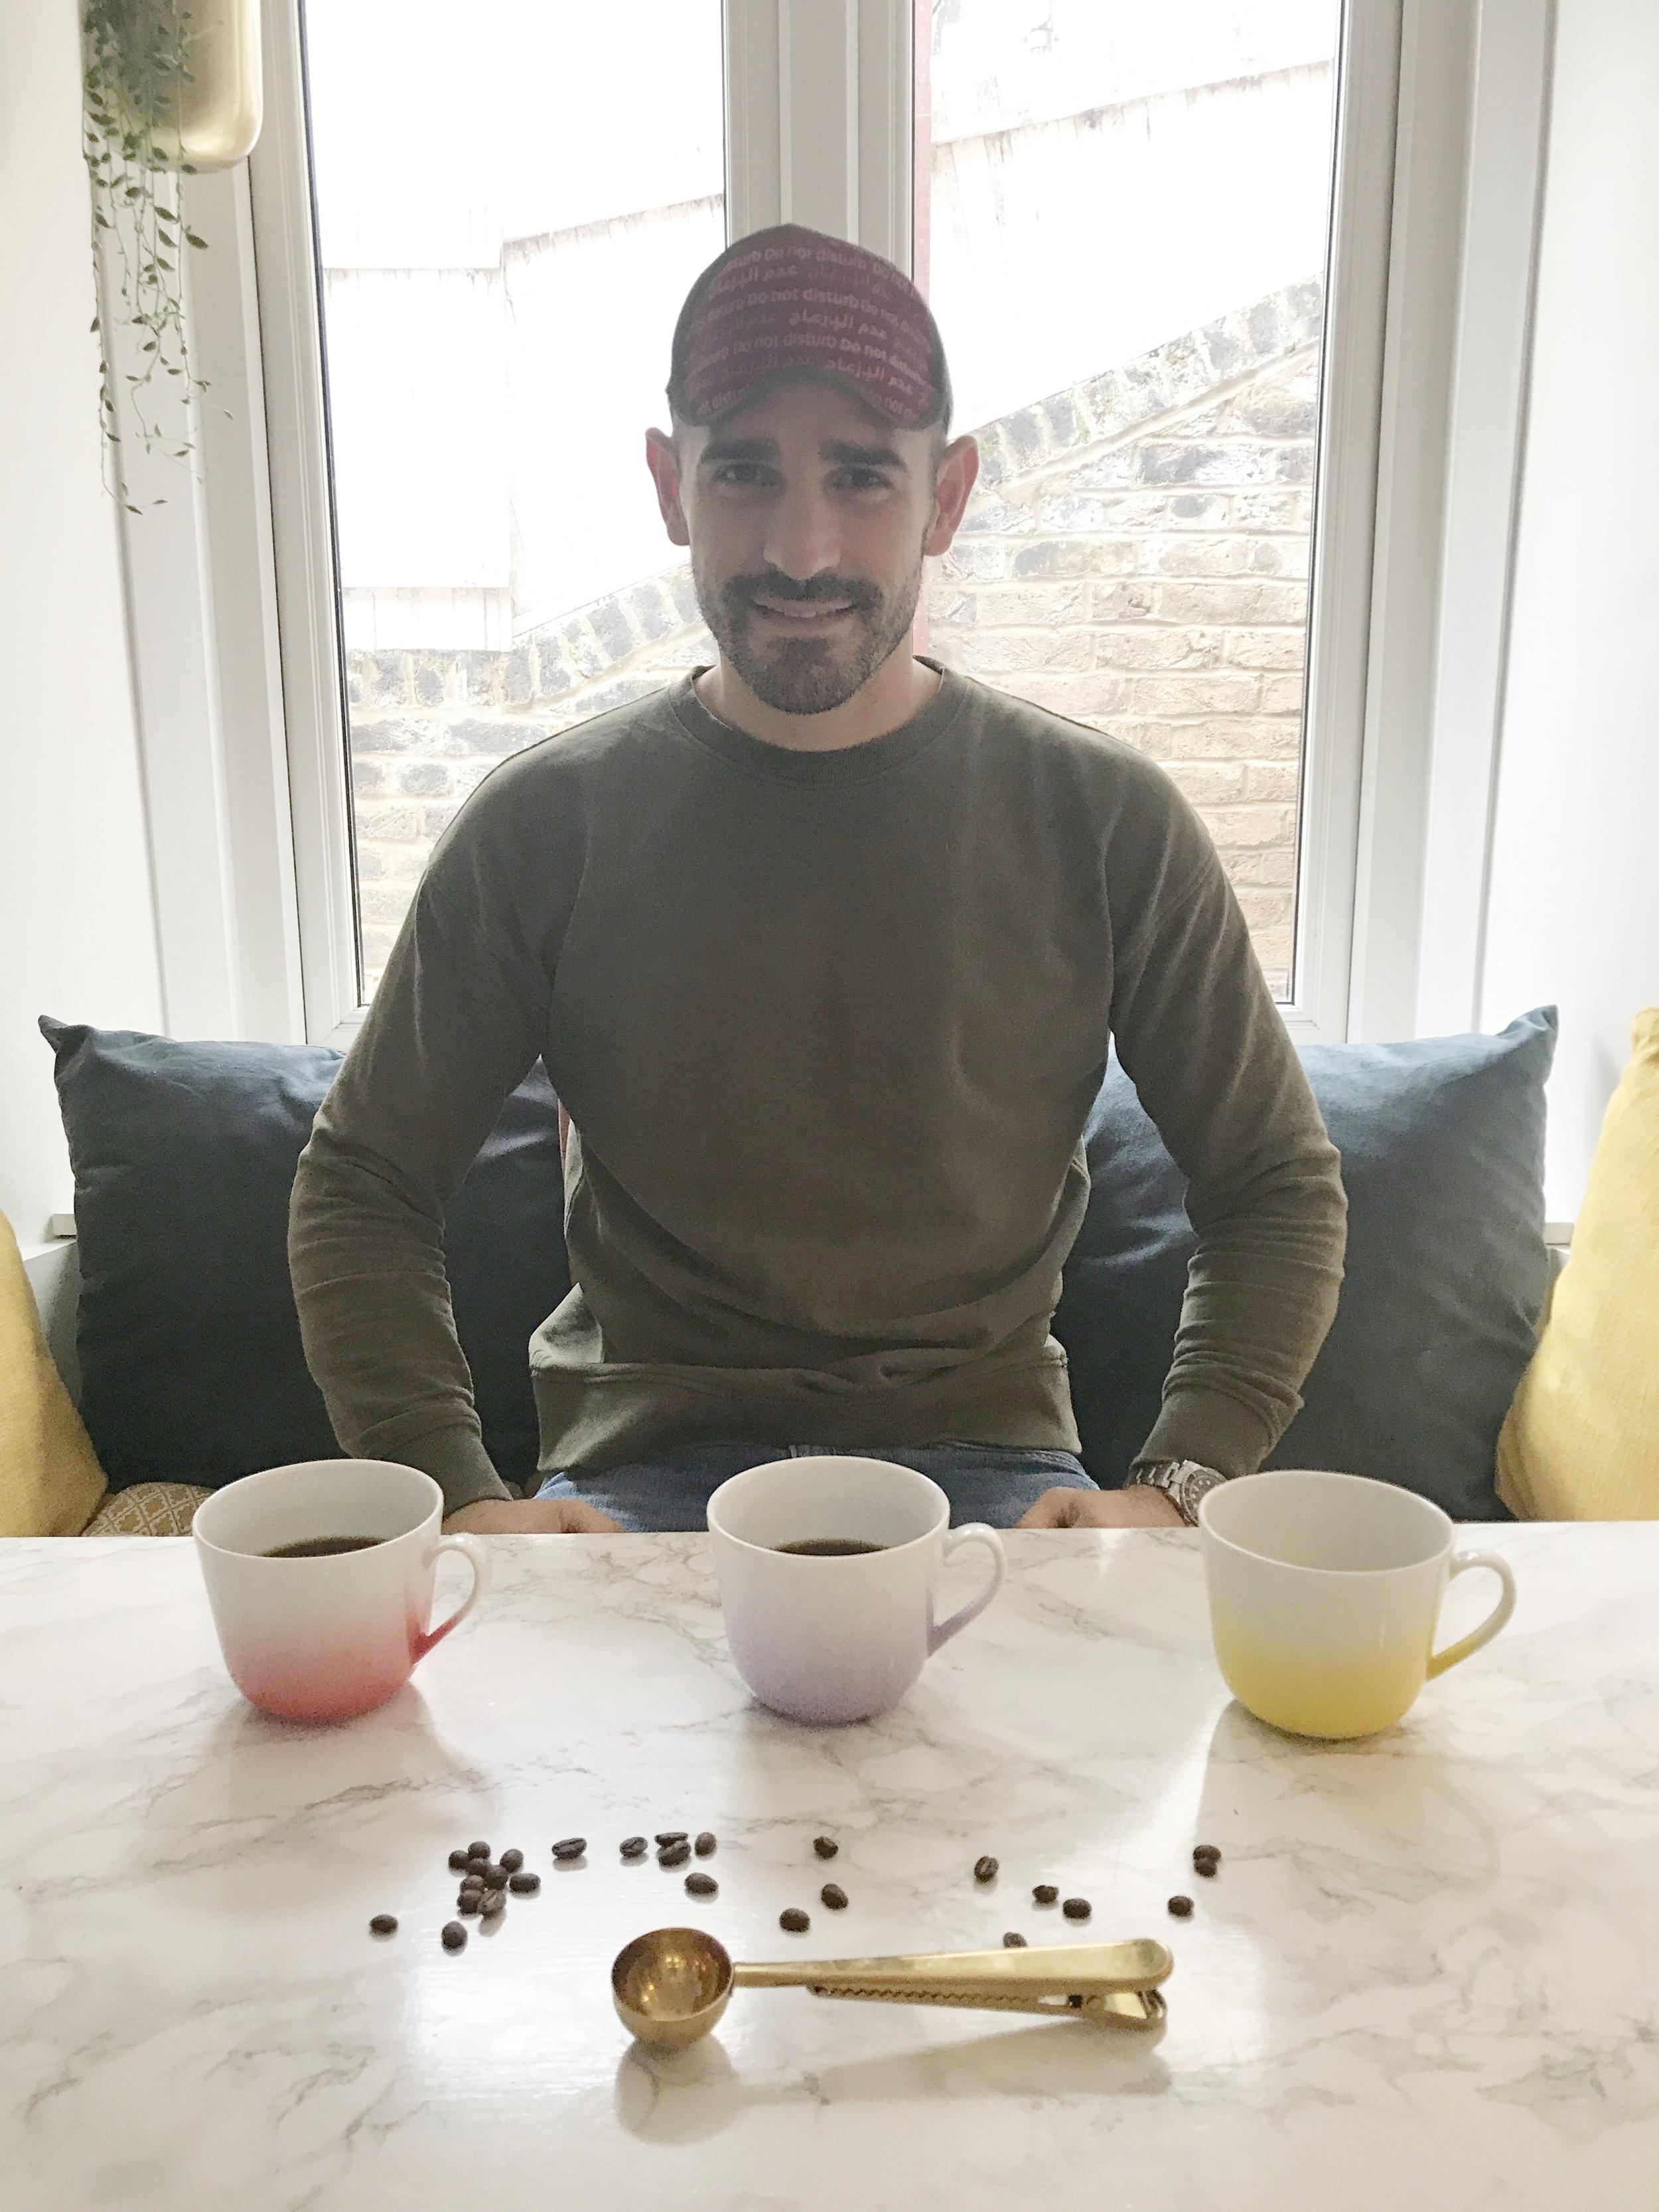 Costa,cafetiere and Jura E8 coffee